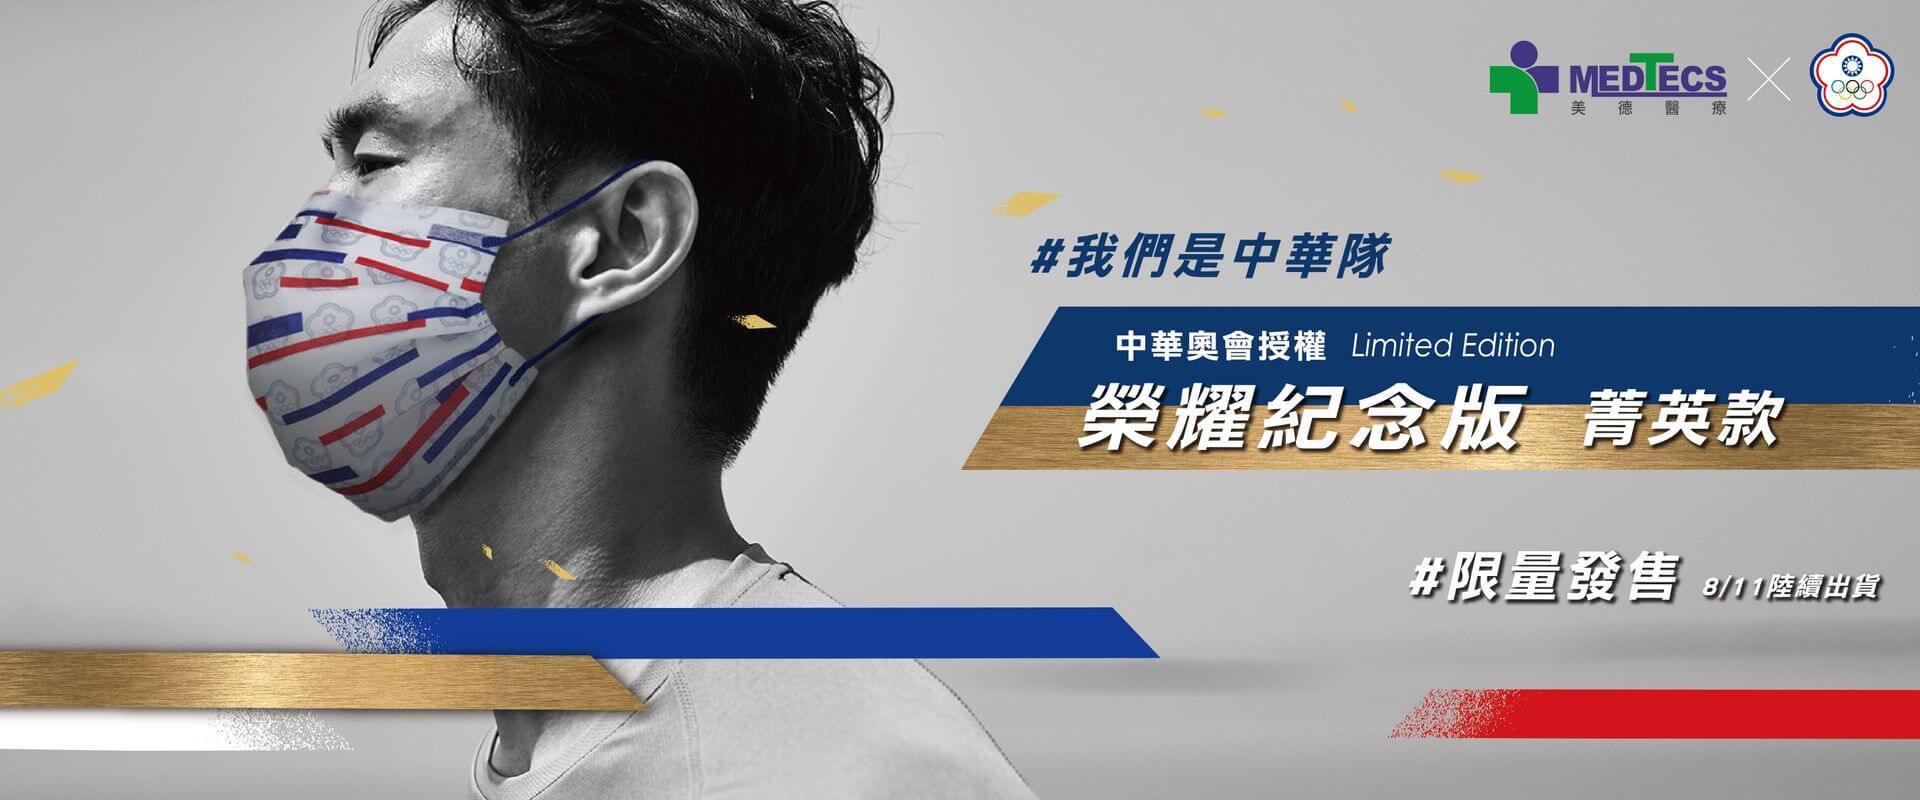 奧會口罩 Olympic Face Masks